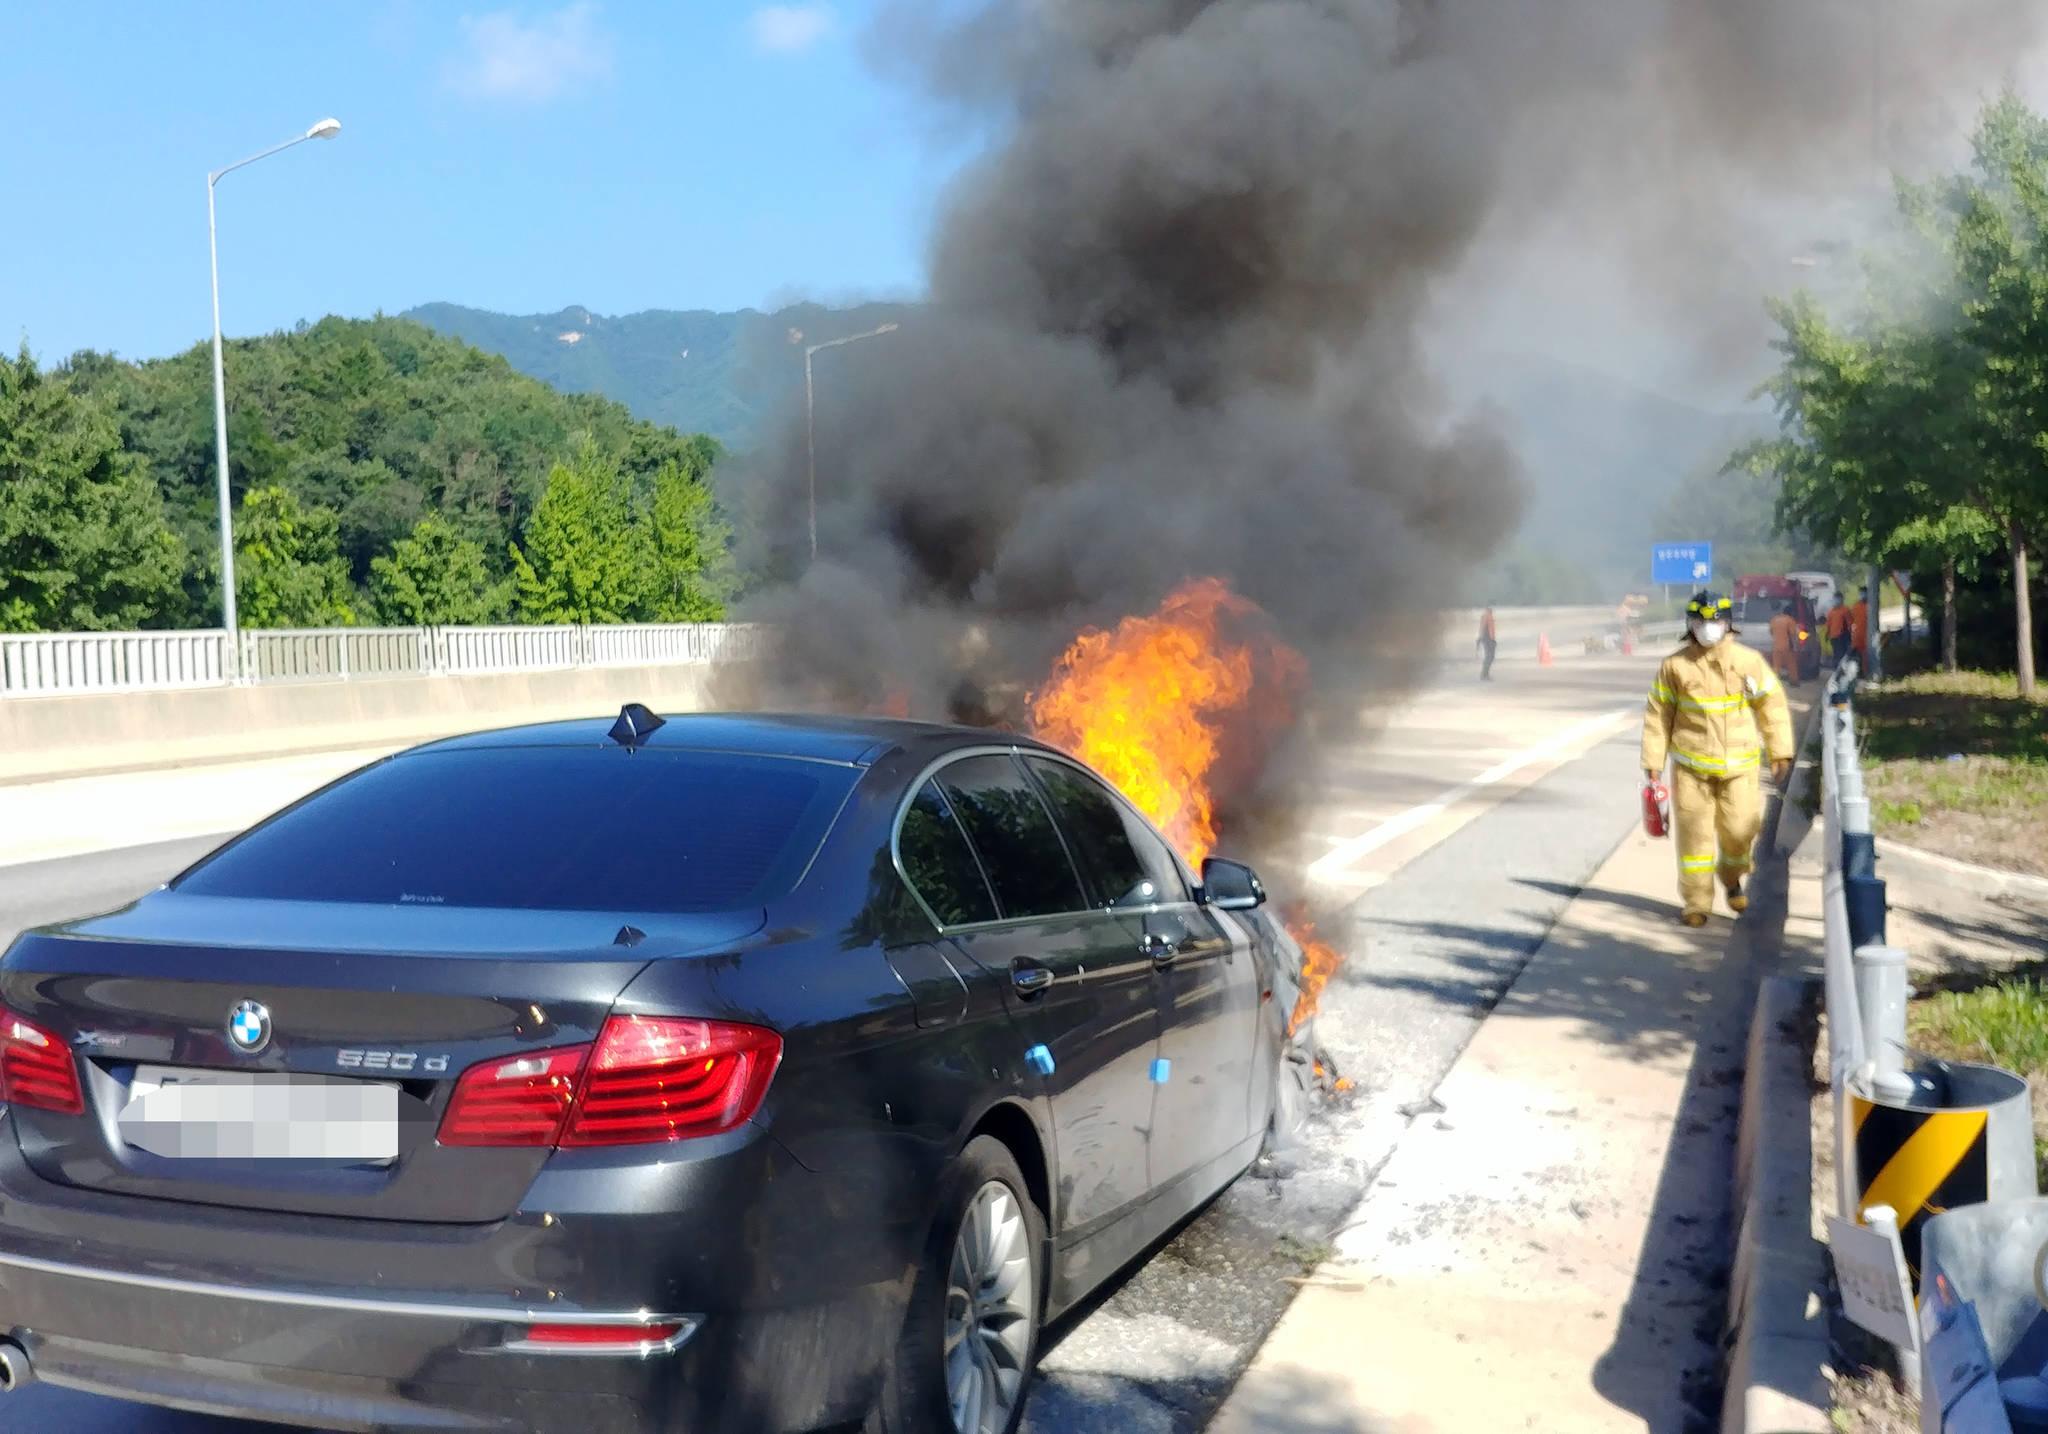 15일 경북 영주시 장수면 중앙고속도로 춘천 방향 영주휴게소 입구에서 BMW 520d 승용차 엔진룸에서 불이 나 소방대원들이 진화에 나서고 있다. [사진 영주소방서]